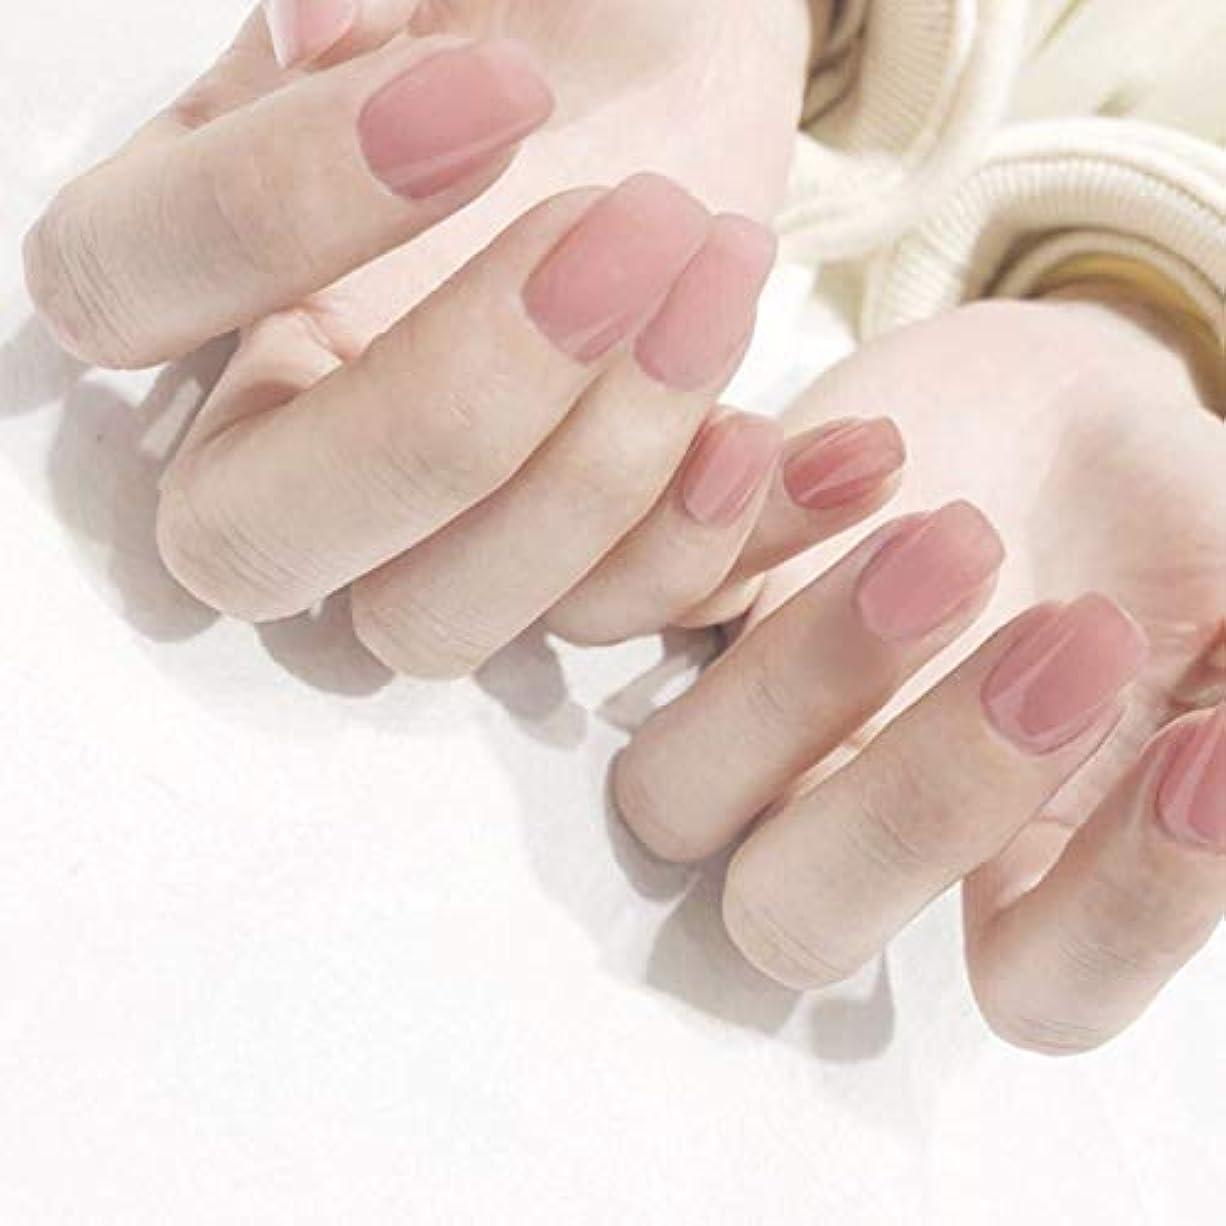 入学式 入園式 結婚式、パーティー、二次会など 手作りネイルチップ 和装 ネイル 明るい色 エレガントな気質 無地ネイルチップ 24pcs 優雅 透明 ゼリー 短い 無地 可愛い ウェディング ブライダル (ピンク)